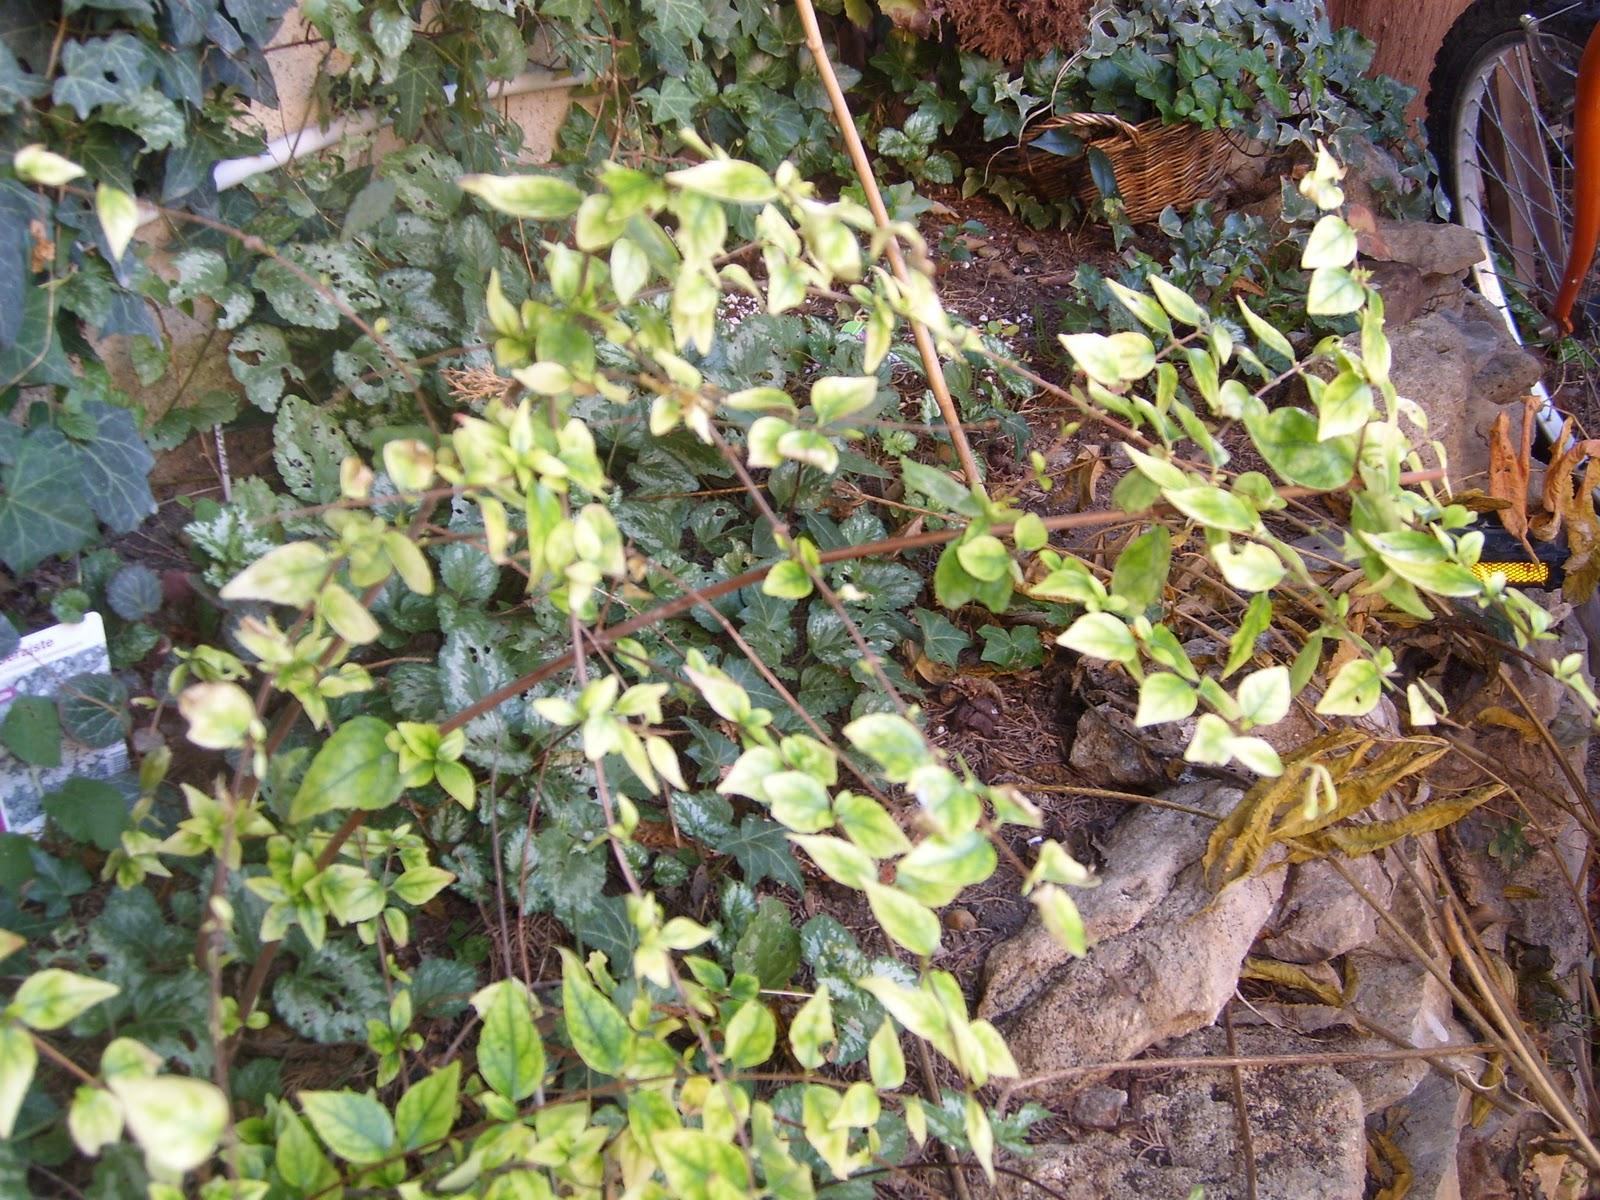 Le jardin de pascaline arbuste sur tige ex cution for Arbuste de jardin